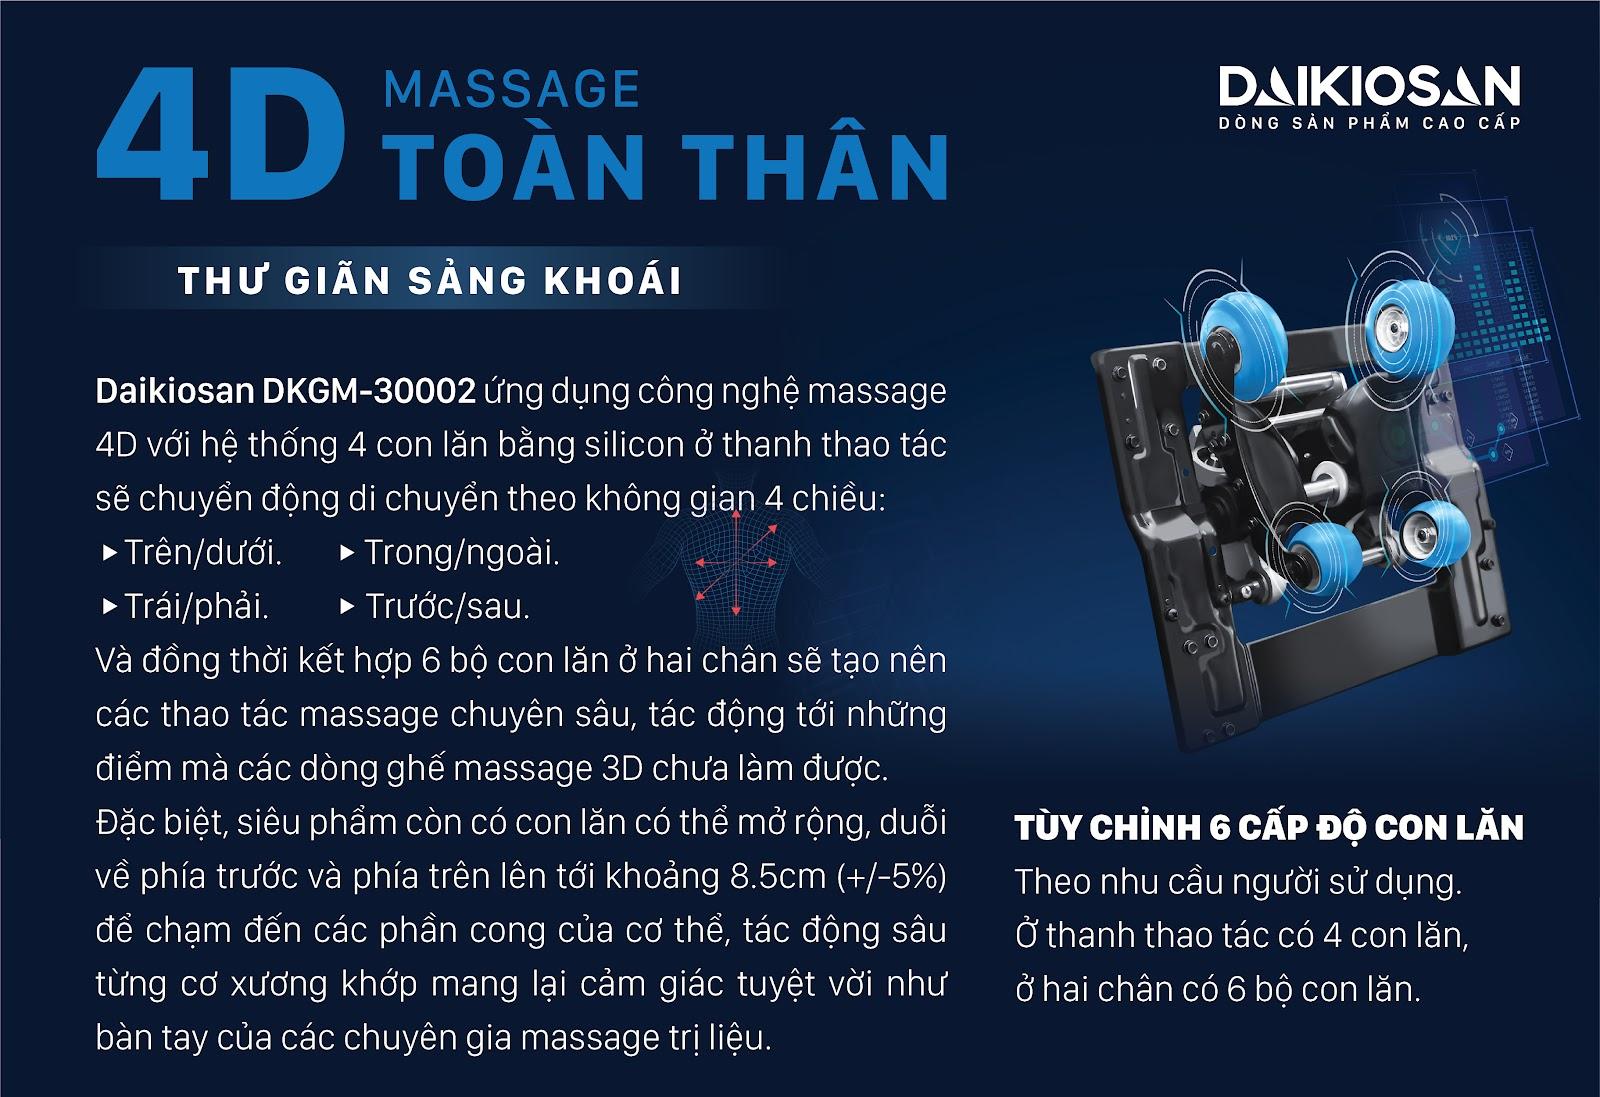 Chế độ massage con lăn 4D toàn thân